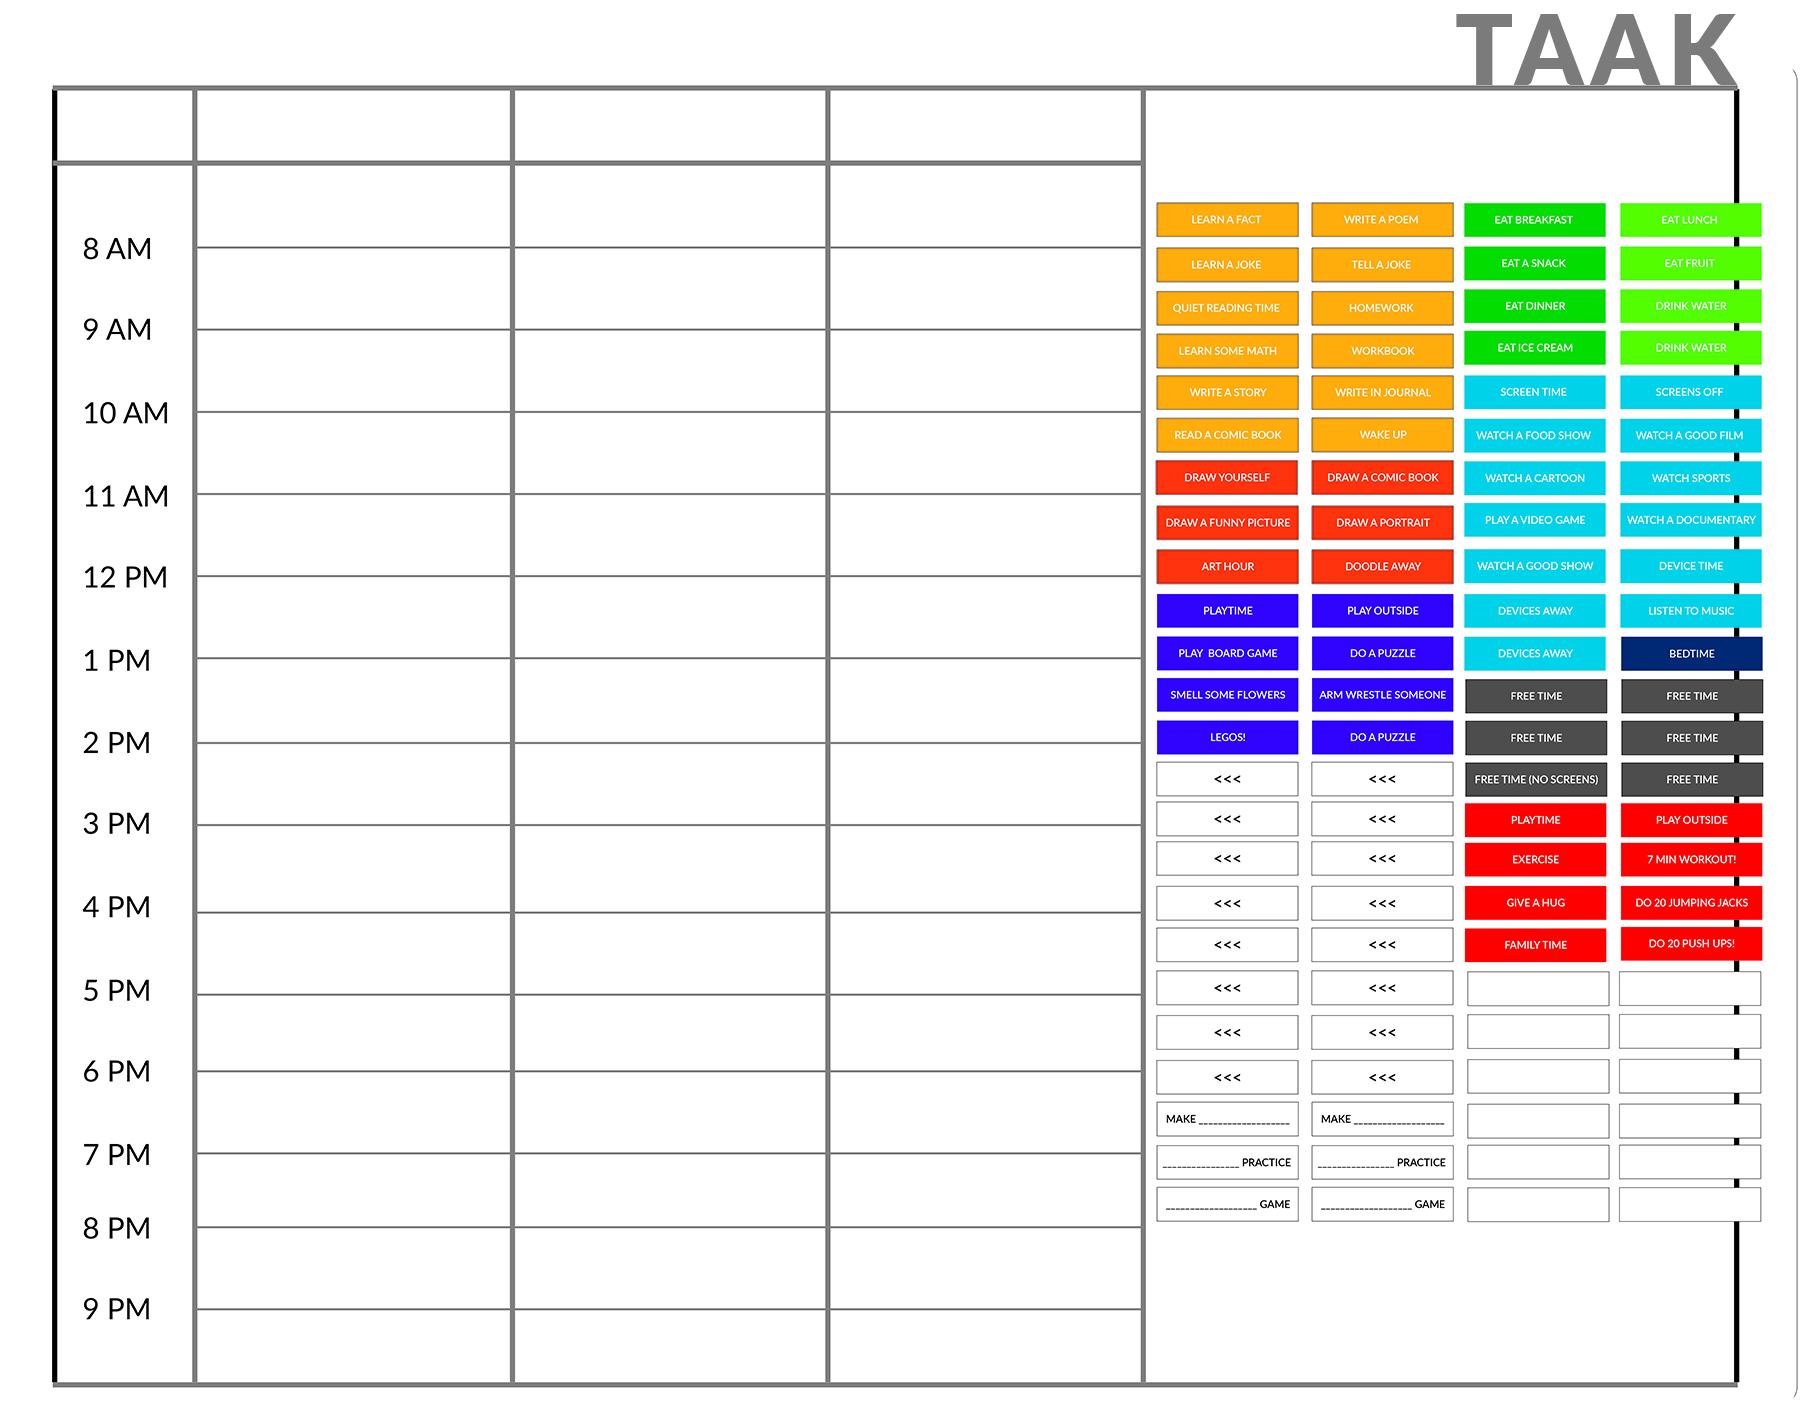 TAAAK_test_blank.jpg